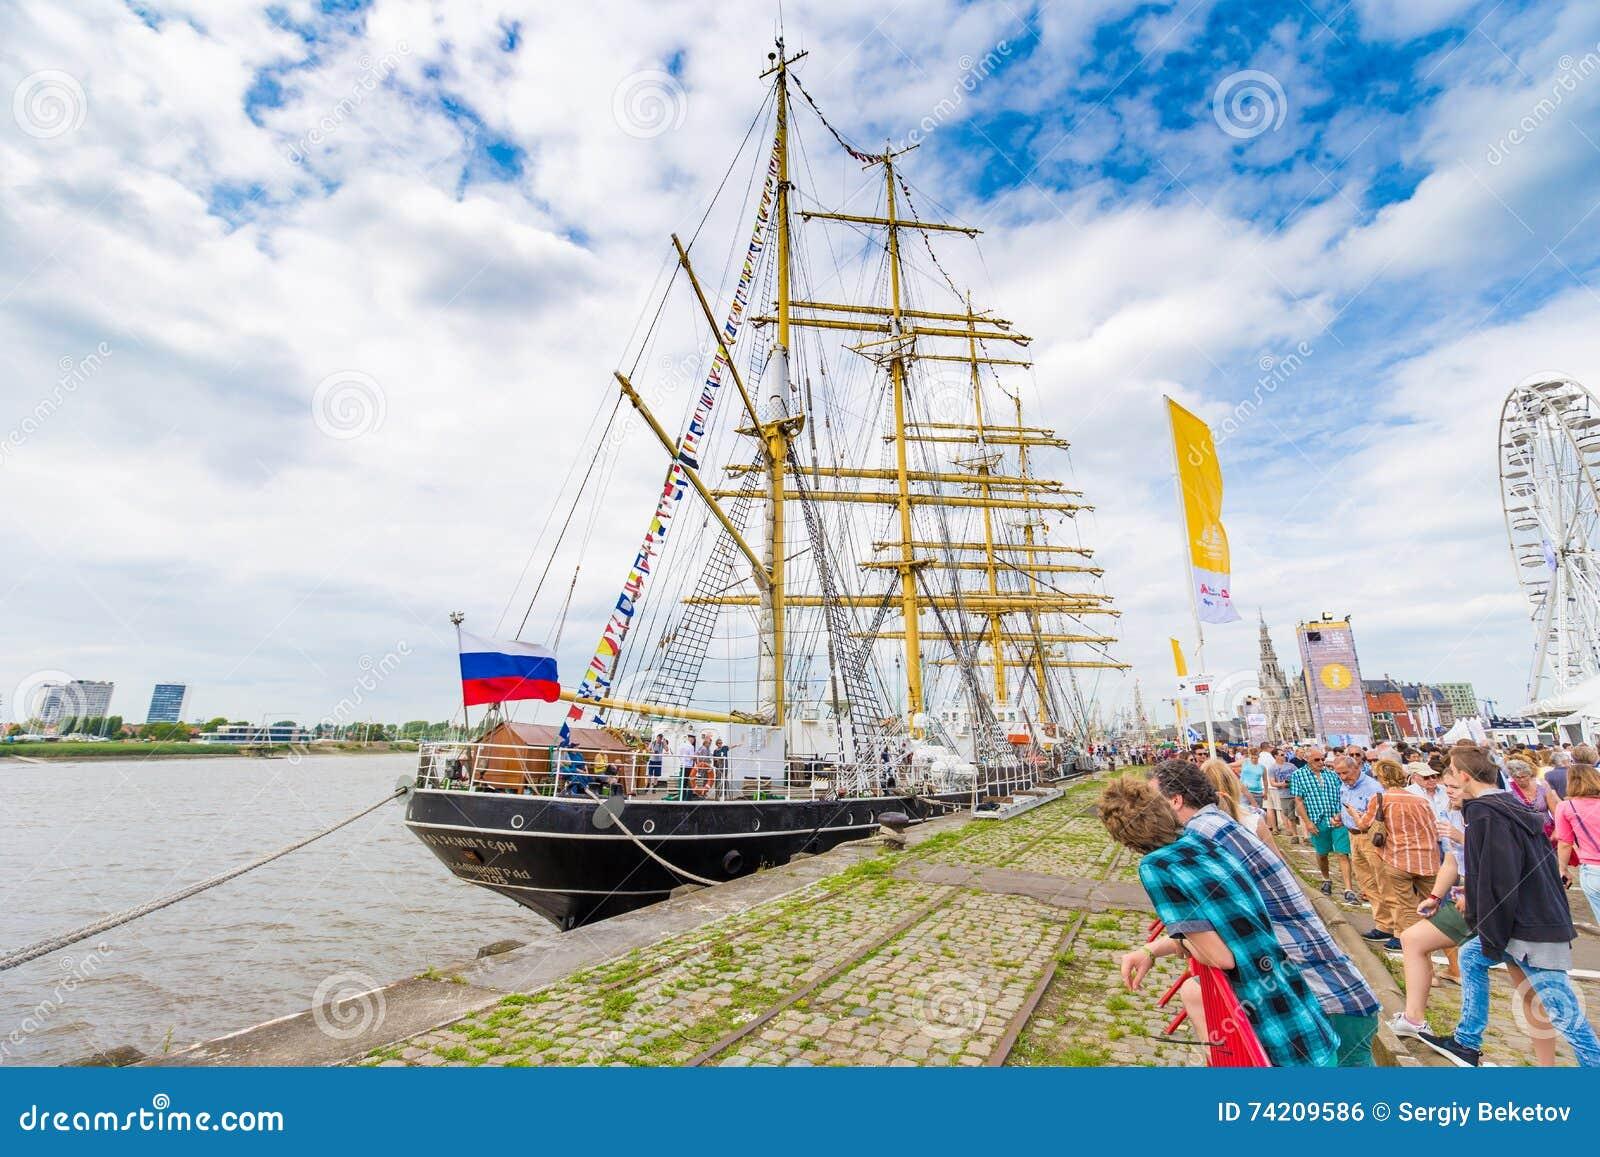 Русское парусное судно Kruzenstern увиденное в Антверпене во время высокорослых кораблей r